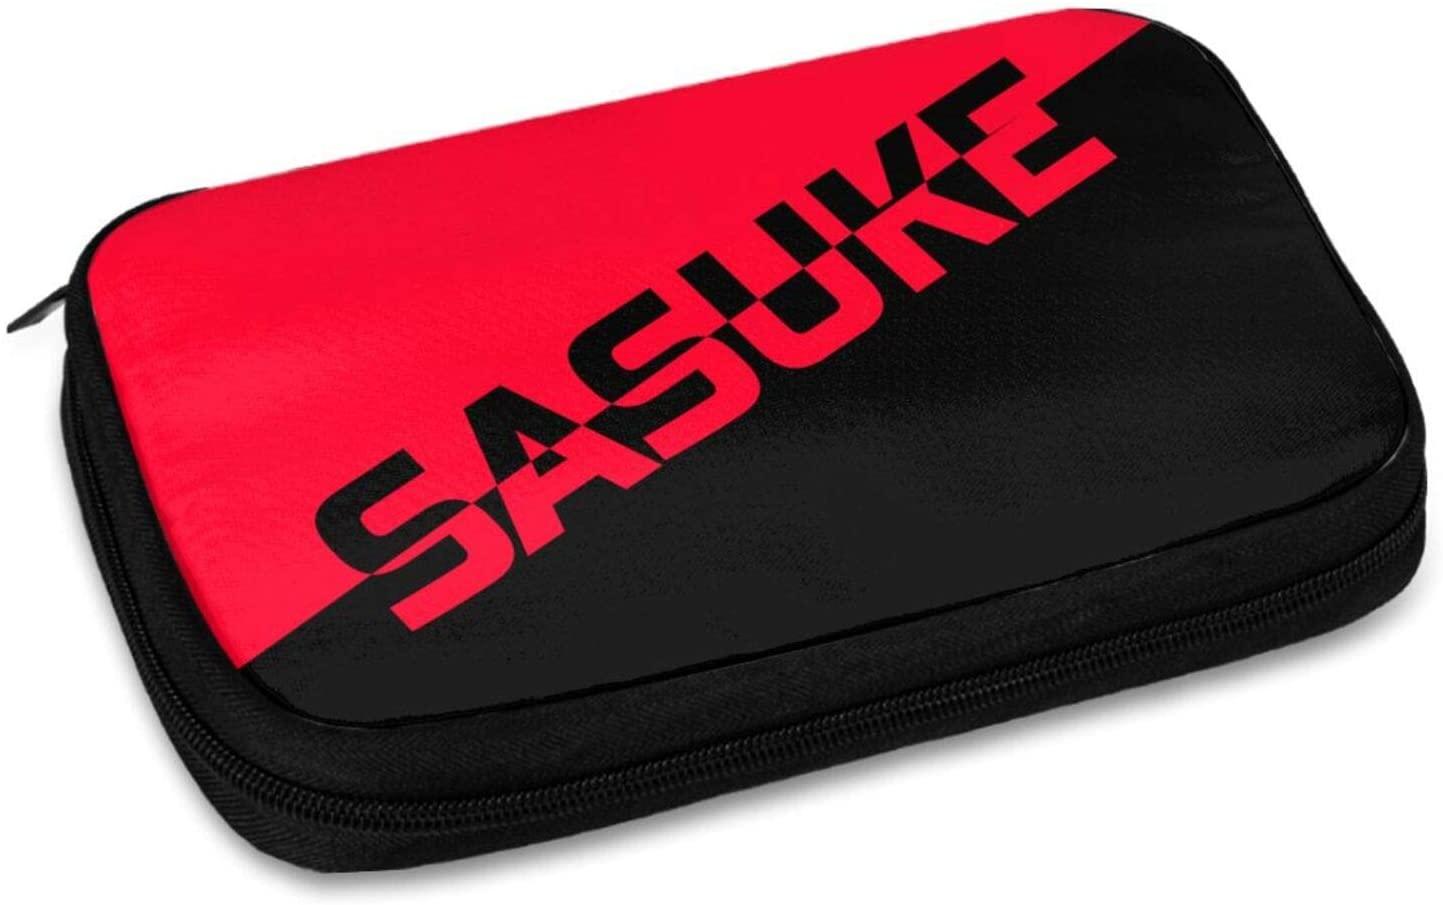 나루토 전자 주최자 소형 여행 케이블 오거나이저 가방 하드 드라이브 전화 USB SD 카드 충전 케이블용 저장 전자 액세서리 케이스 휴대 전화 미니 태블릿 (9.4X6.56`)